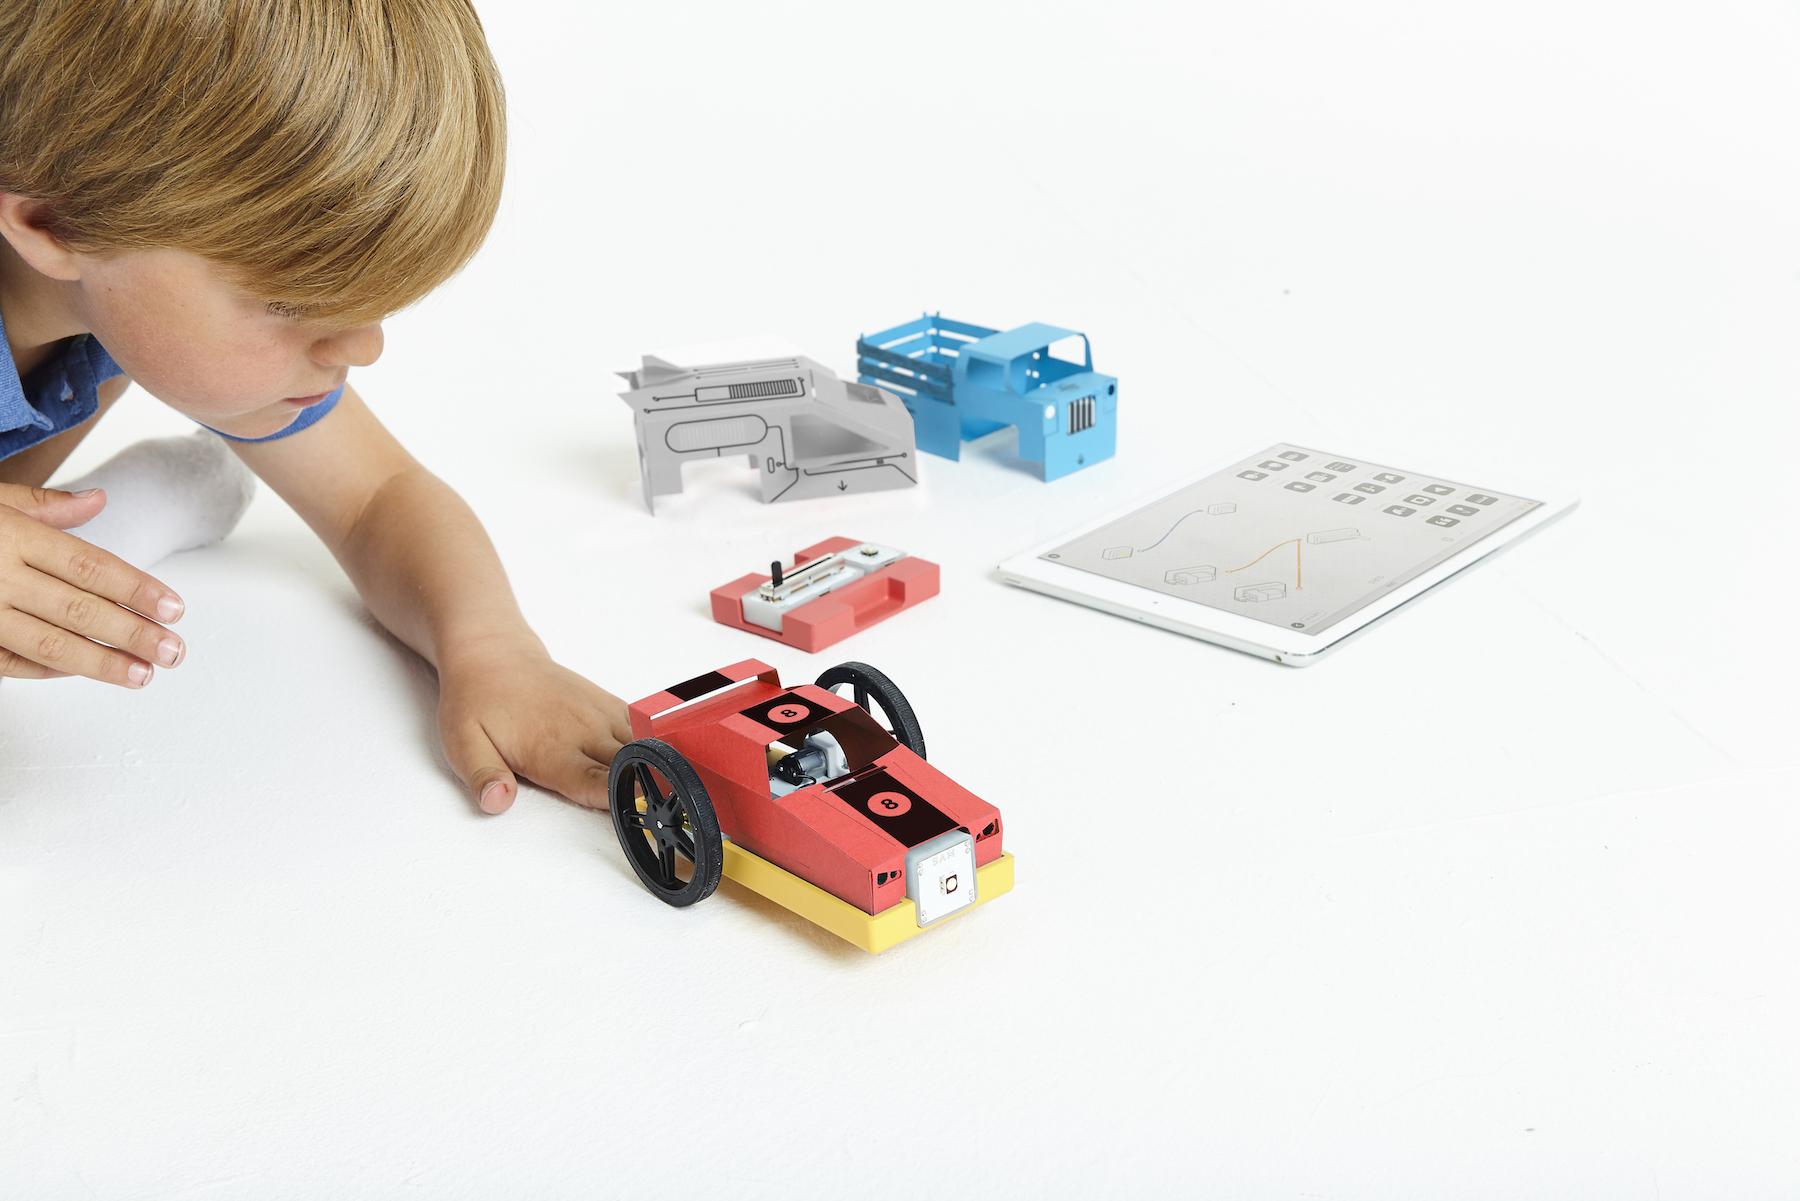 Sam's Curious Cars: Modulare ferngesteuerte Rennwagen bauen - Curio in der Anwendung (Bild: Sam Labs)